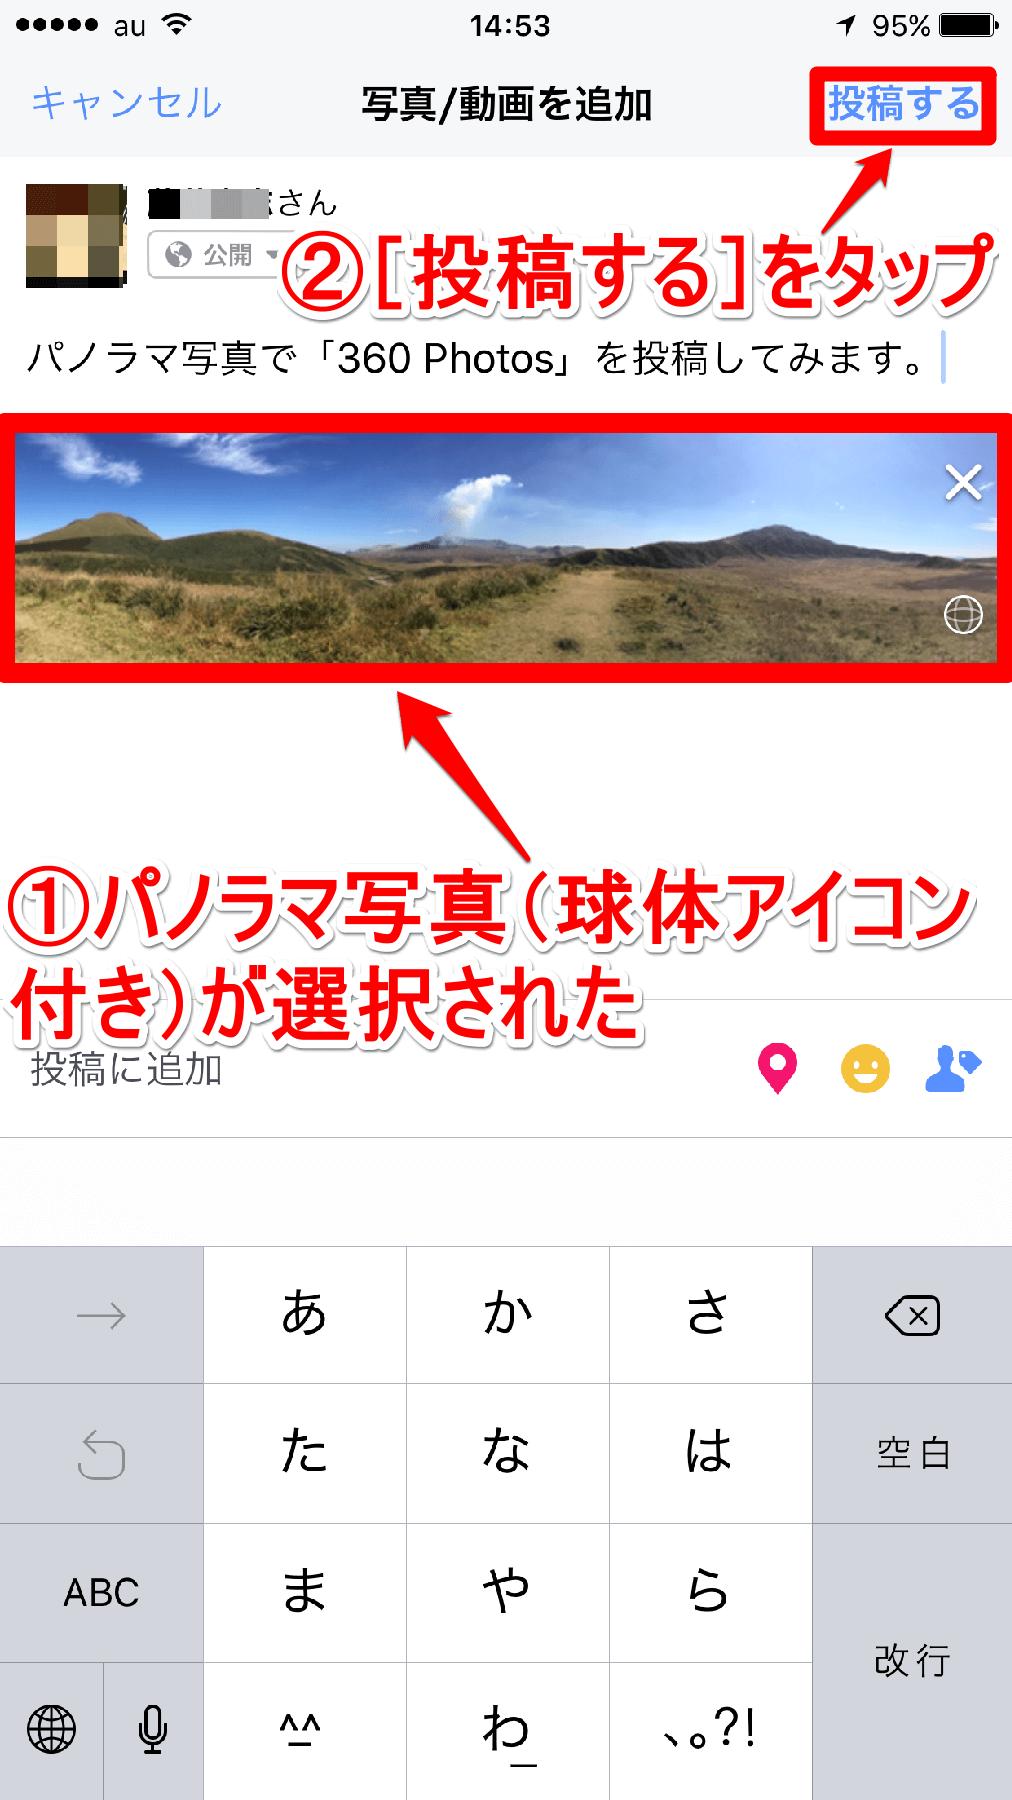 Facebookアプリの投稿画面